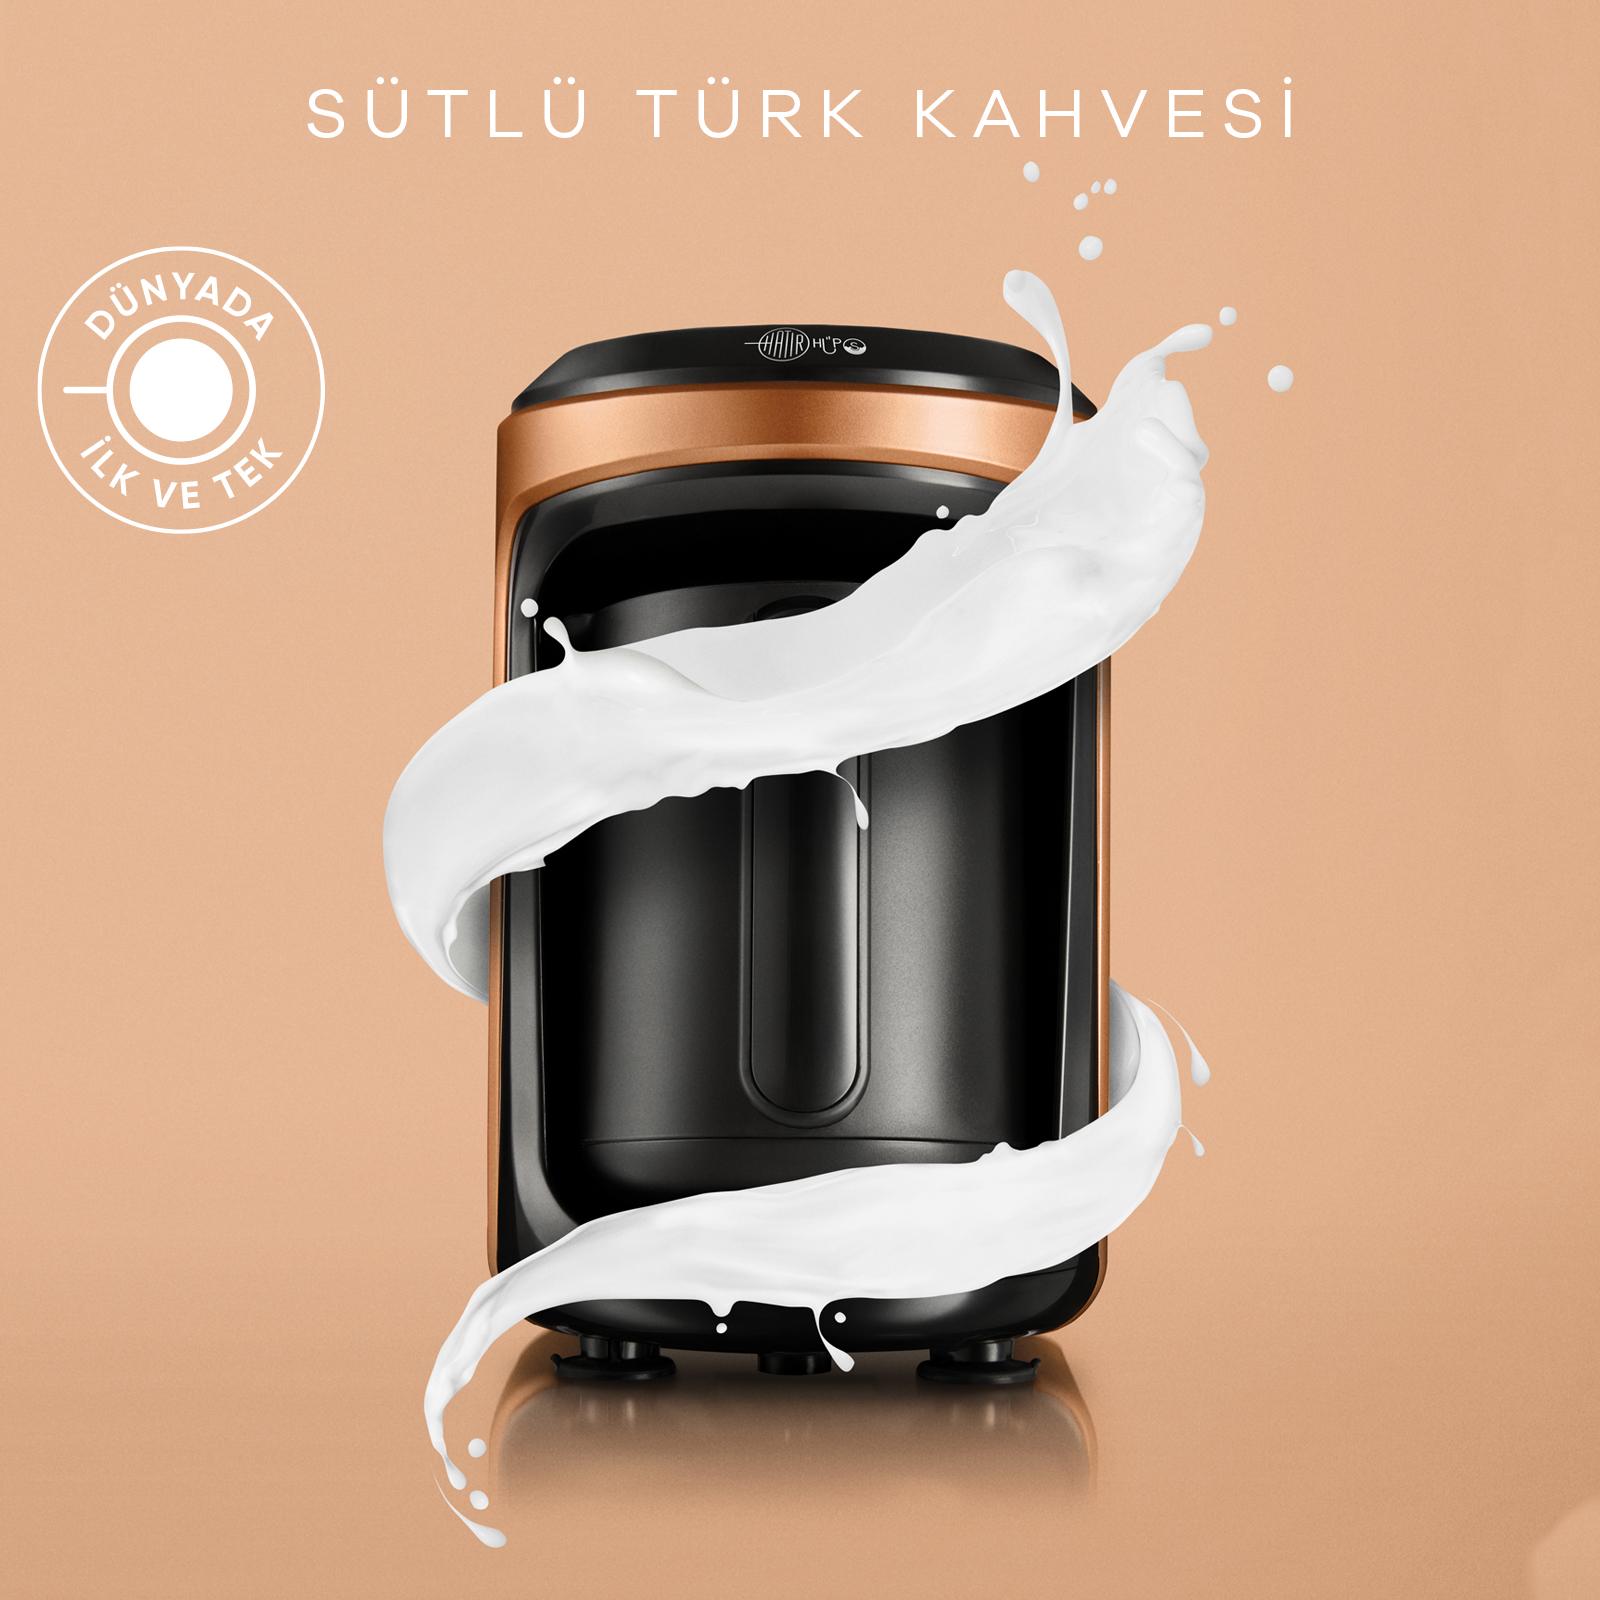 Karaca Hatır Hüps Sütlü Türk Kahve Makinesi Bronz